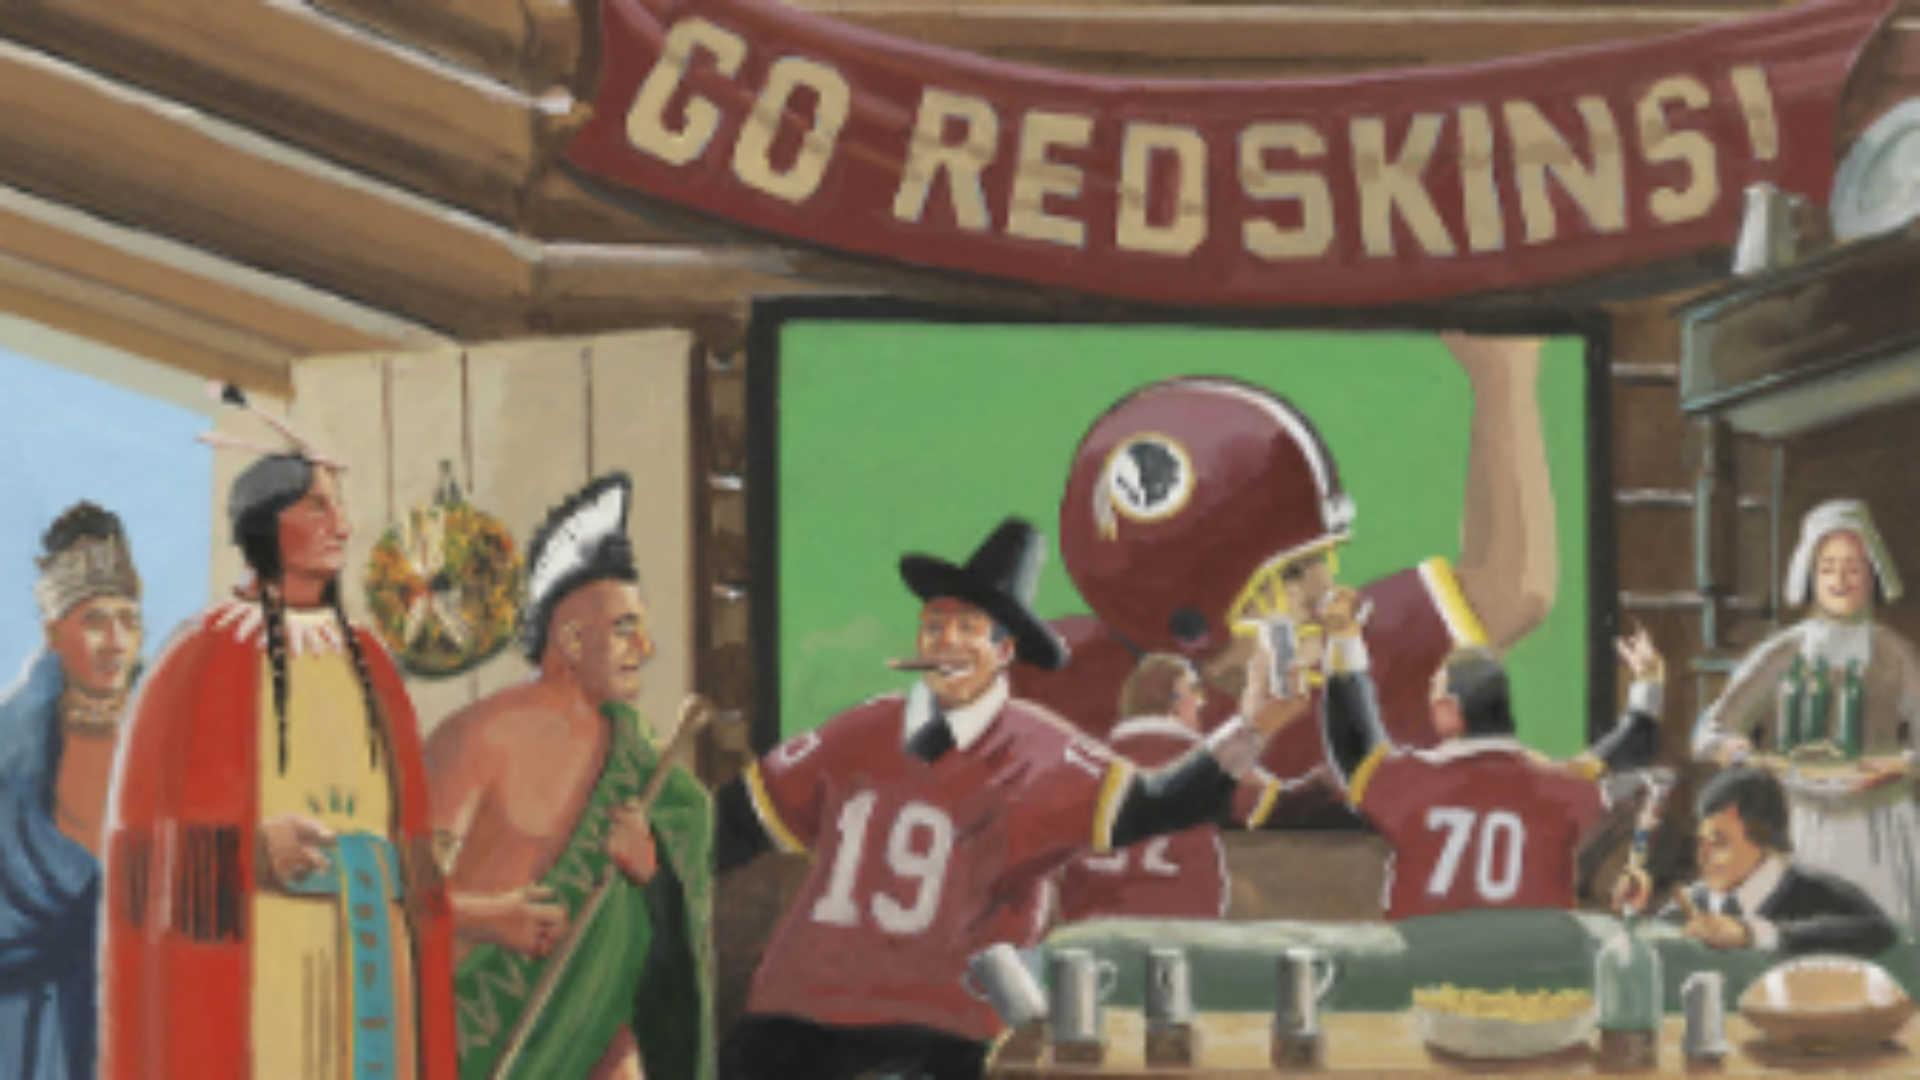 Redskins-112114-NewYorker-FTR.jpg